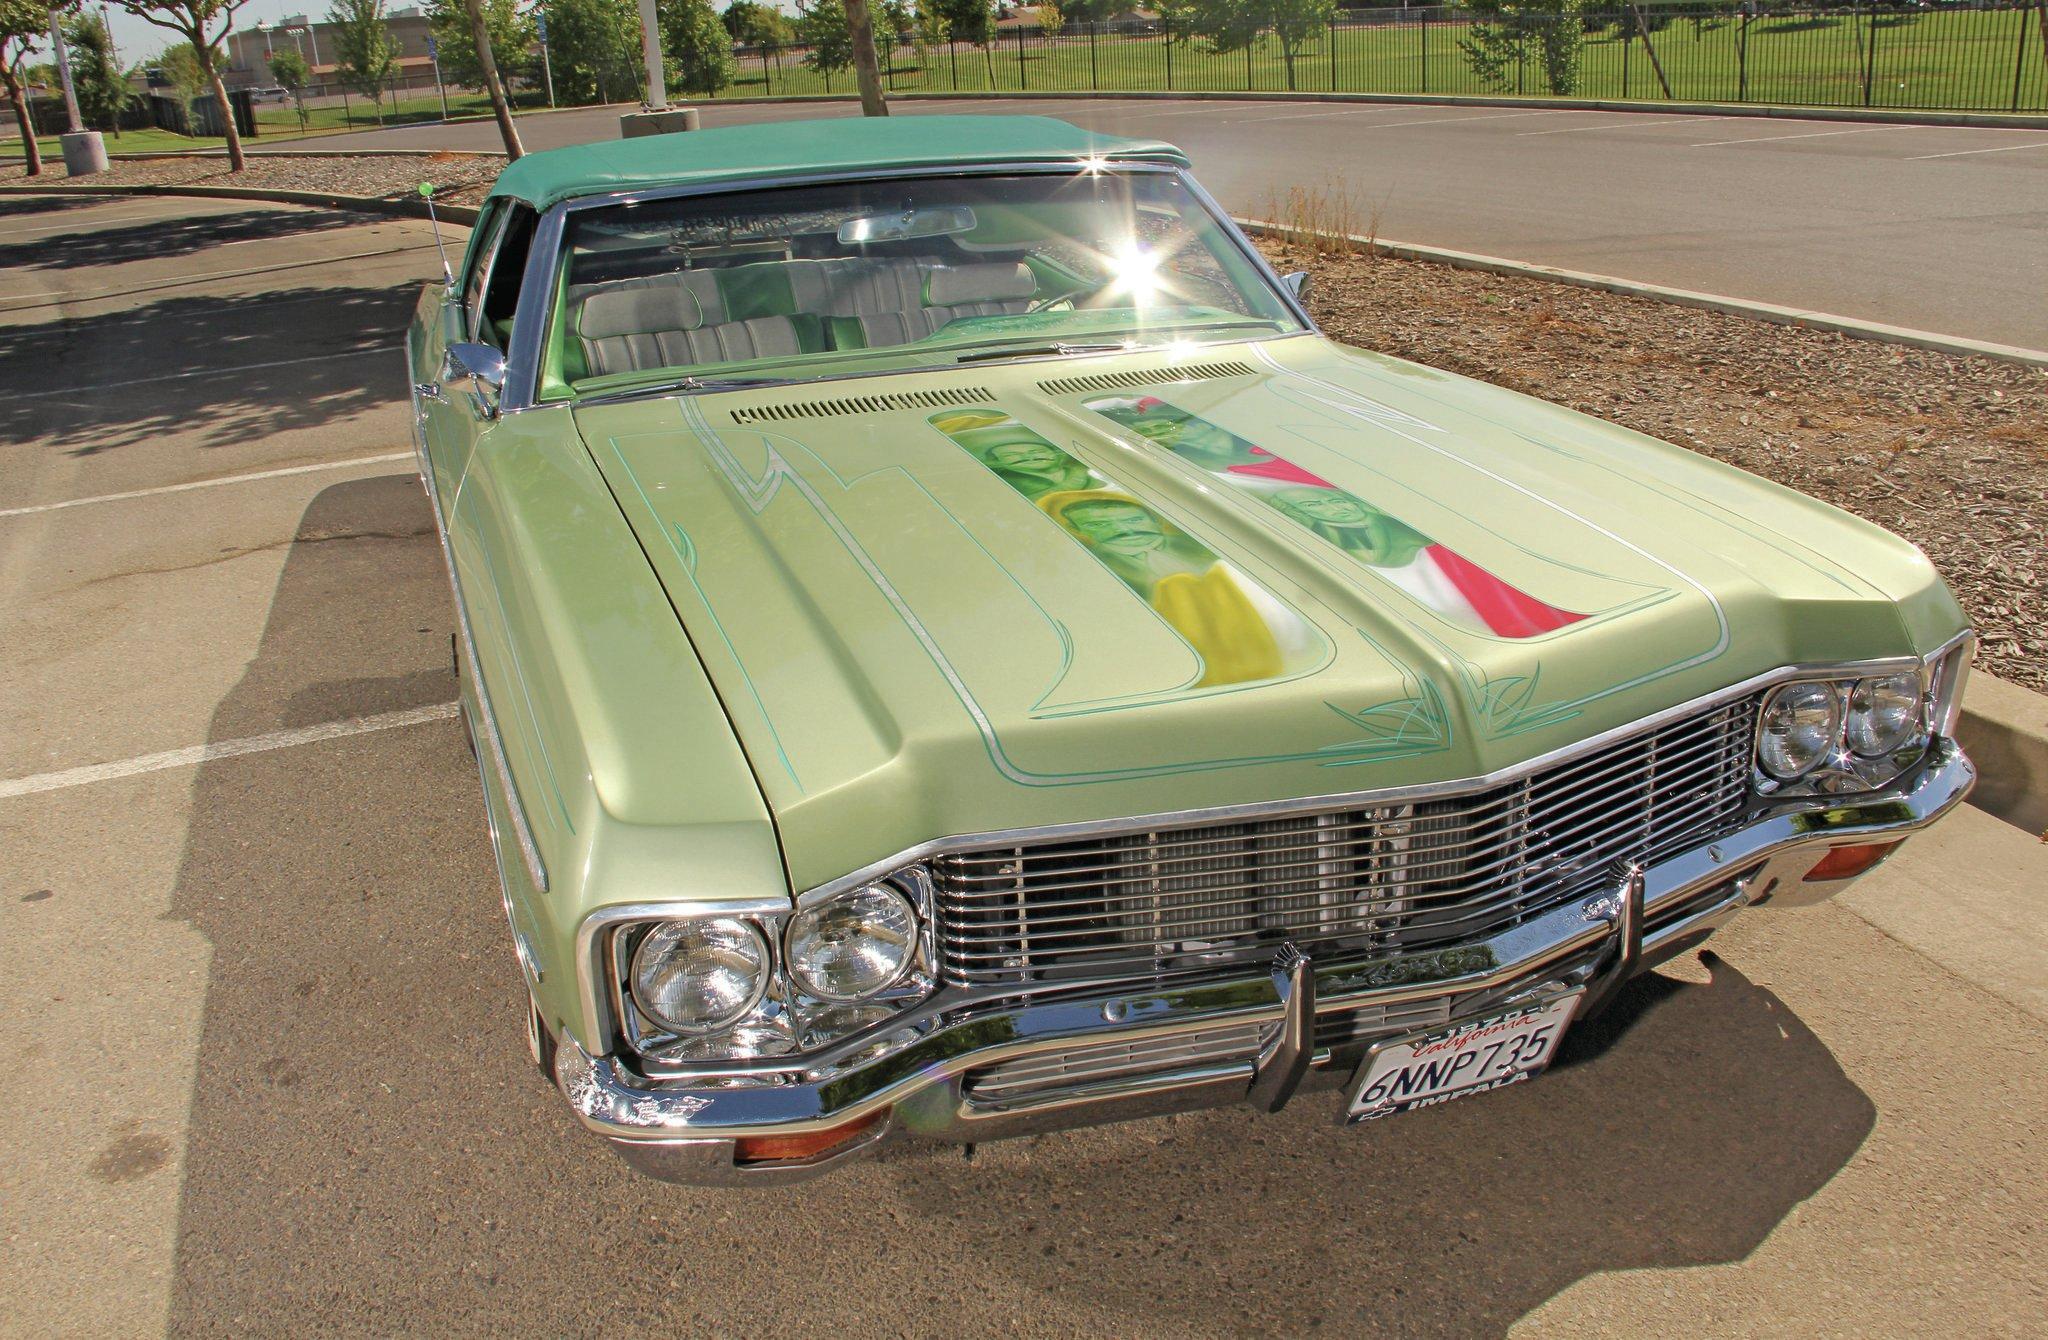 1970 chevrolet impala convertible los jefes los 721 sciox Images